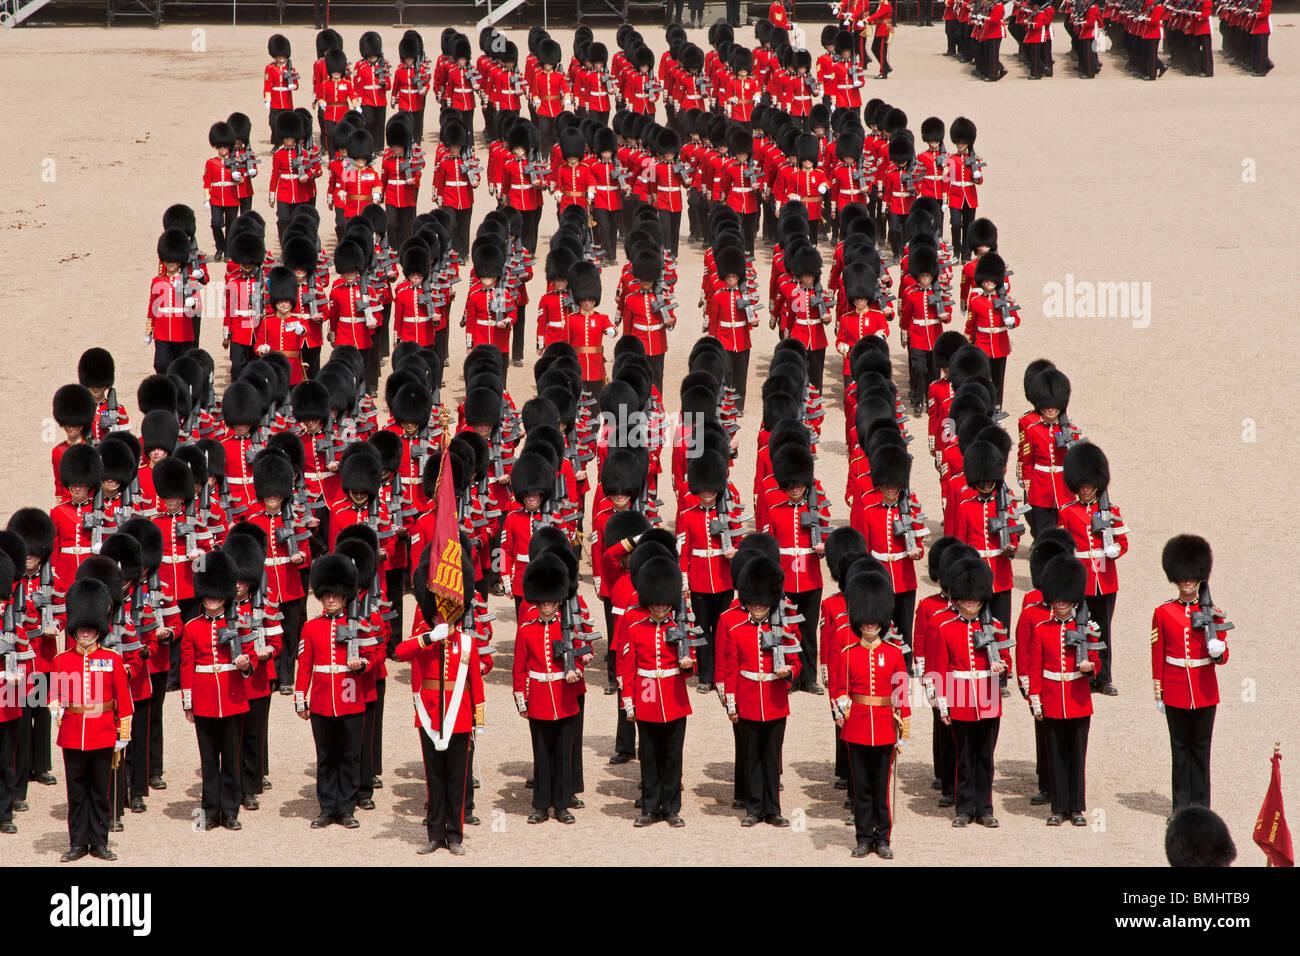 El desfile de cumpleaños de la Reina, también conocido como el Trooping del color, que se celebra anualmente Imagen De Stock